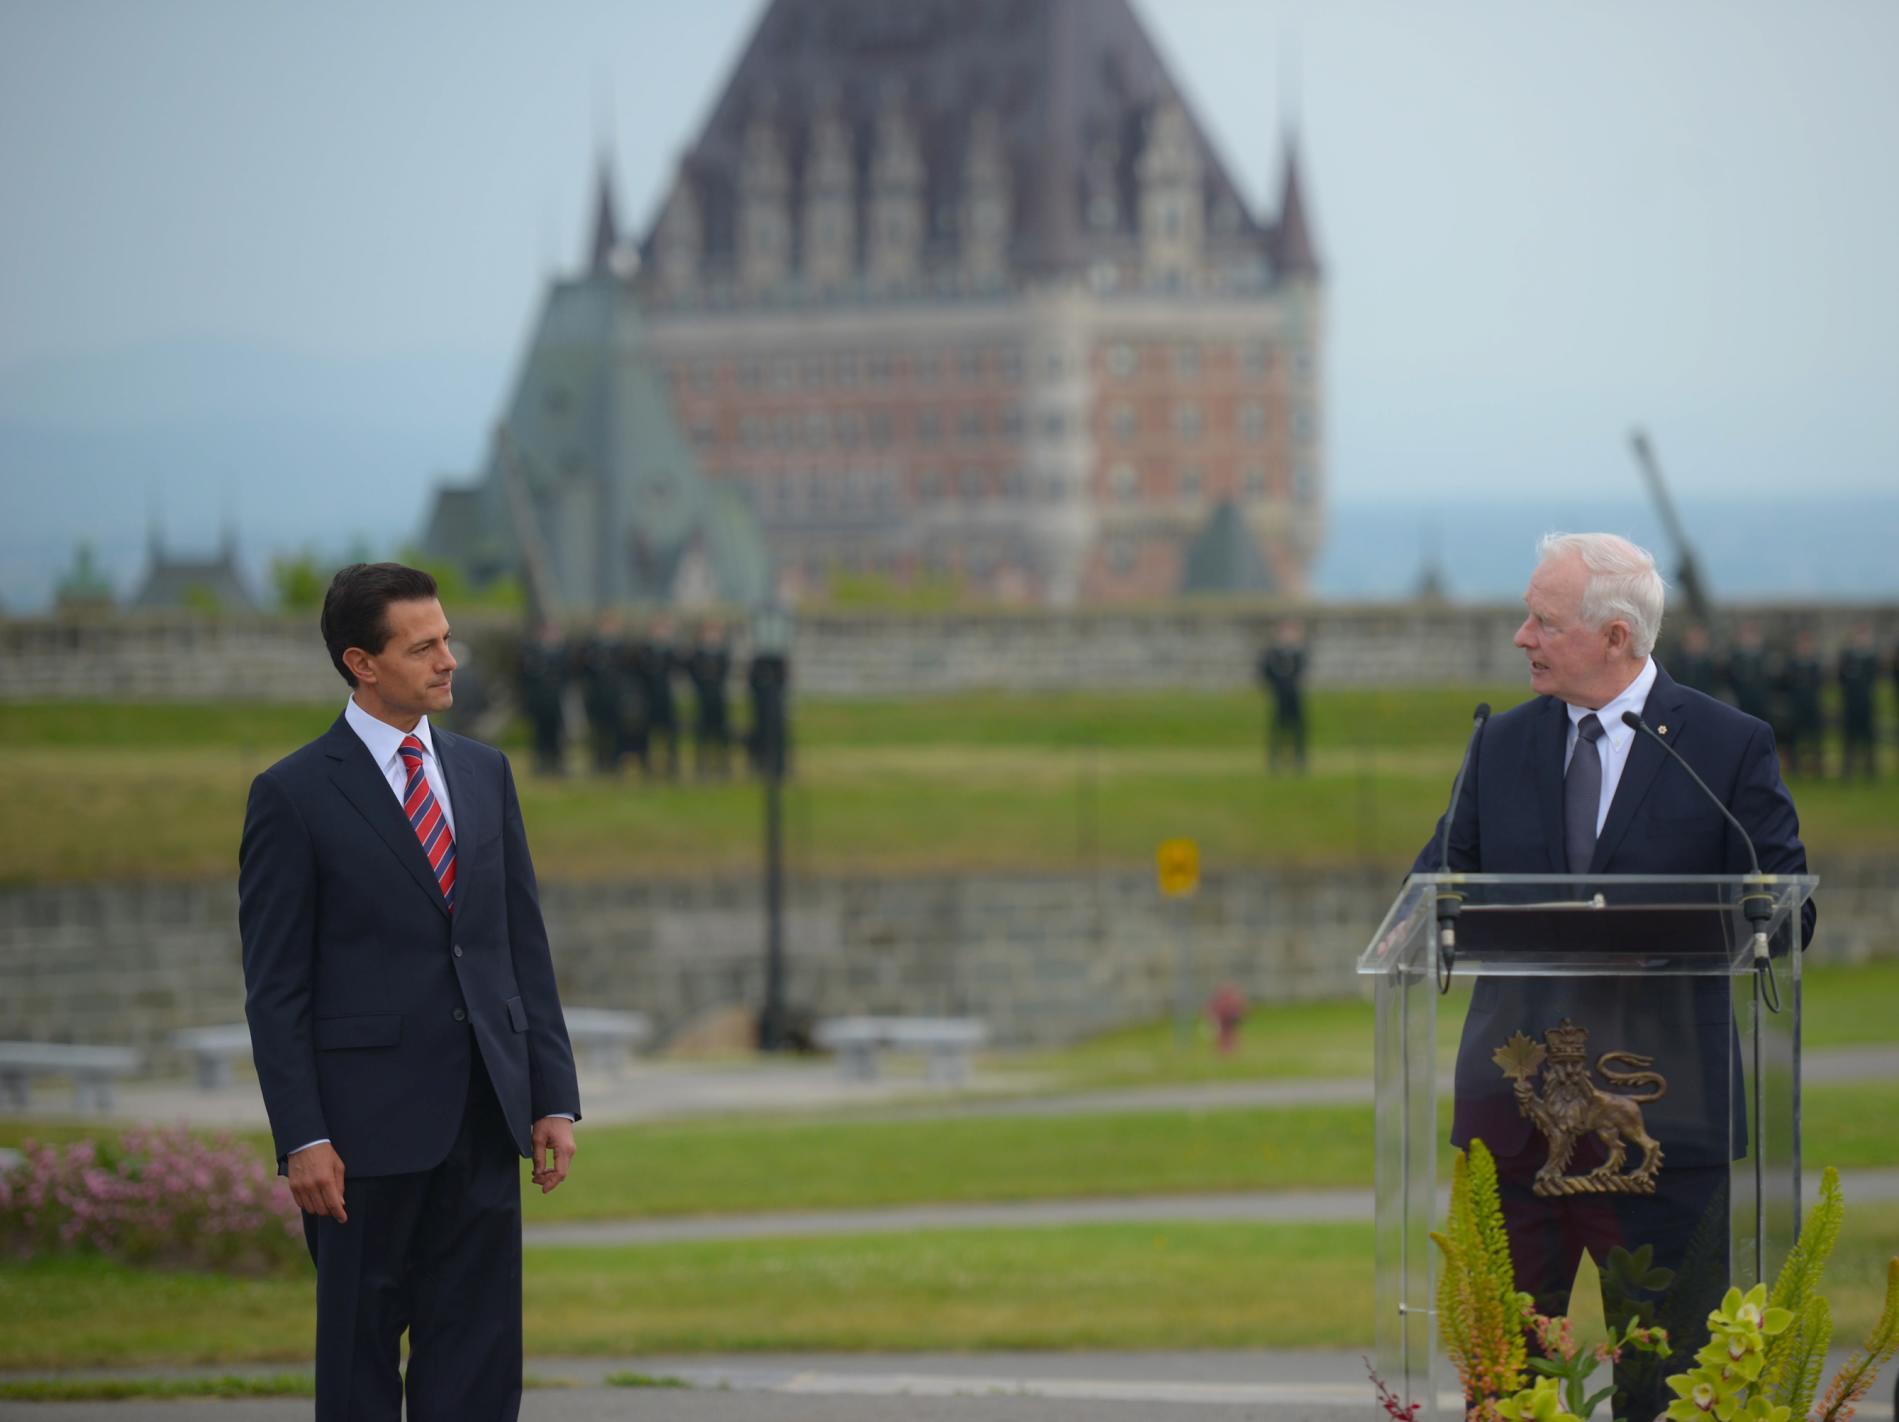 """""""Los lazos entre nuestros pueblos son la base de nuestra antigua amistad, que también son la clave de nuestro futuro y nuestra prosperidad"""": David Johnston, Gobernador General de Canadá."""